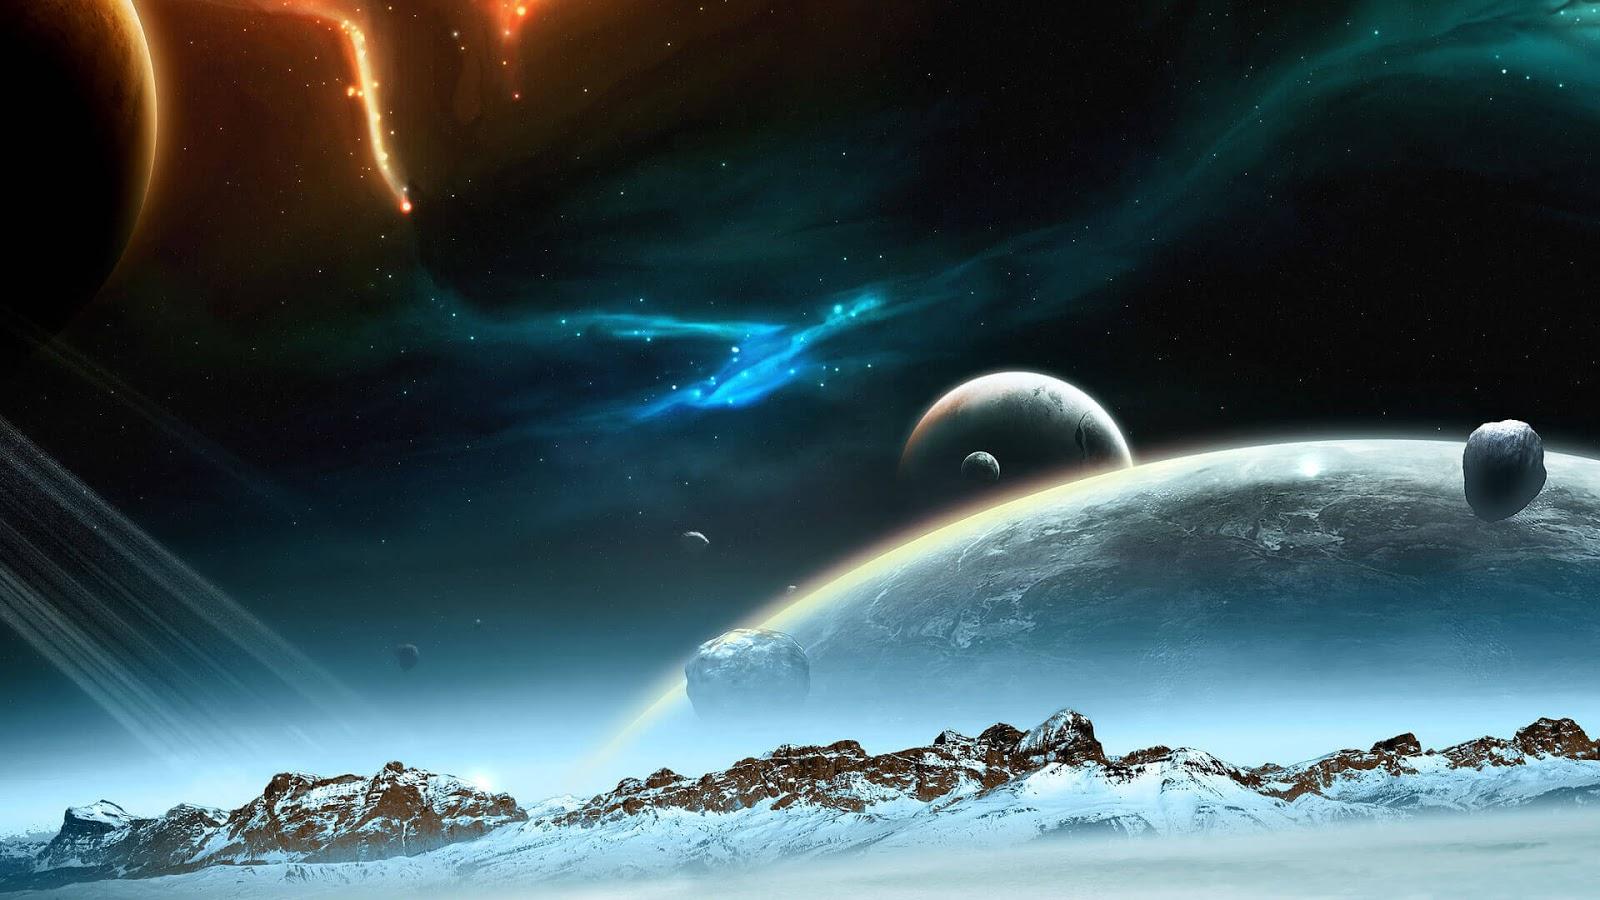 3D Universe HD Wallpaper